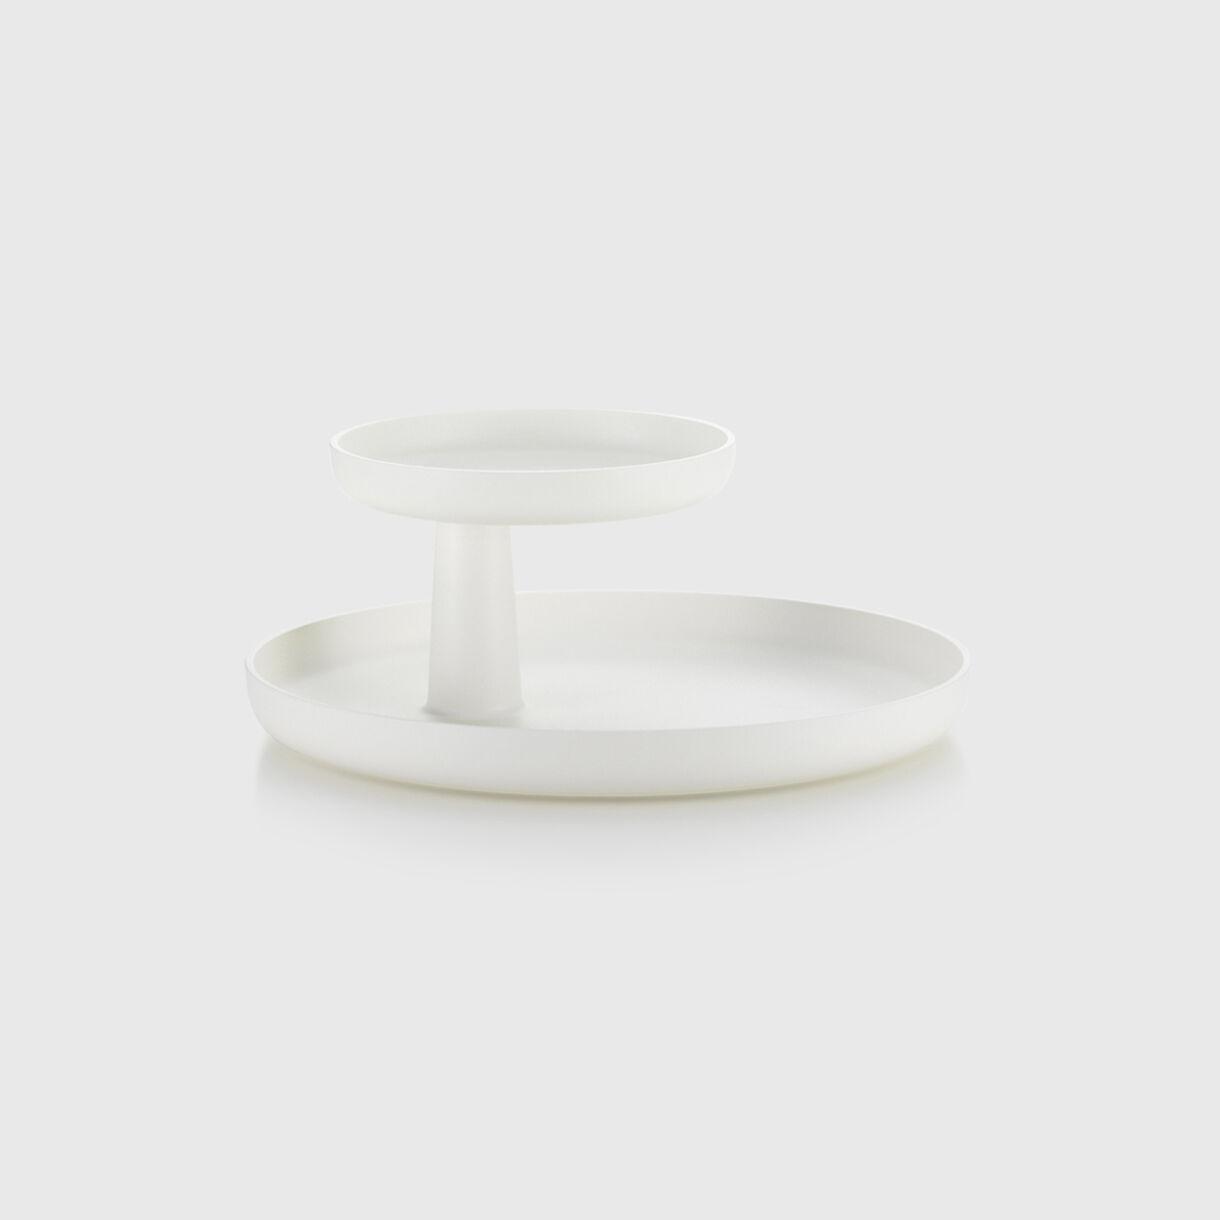 Rotary Tray, White